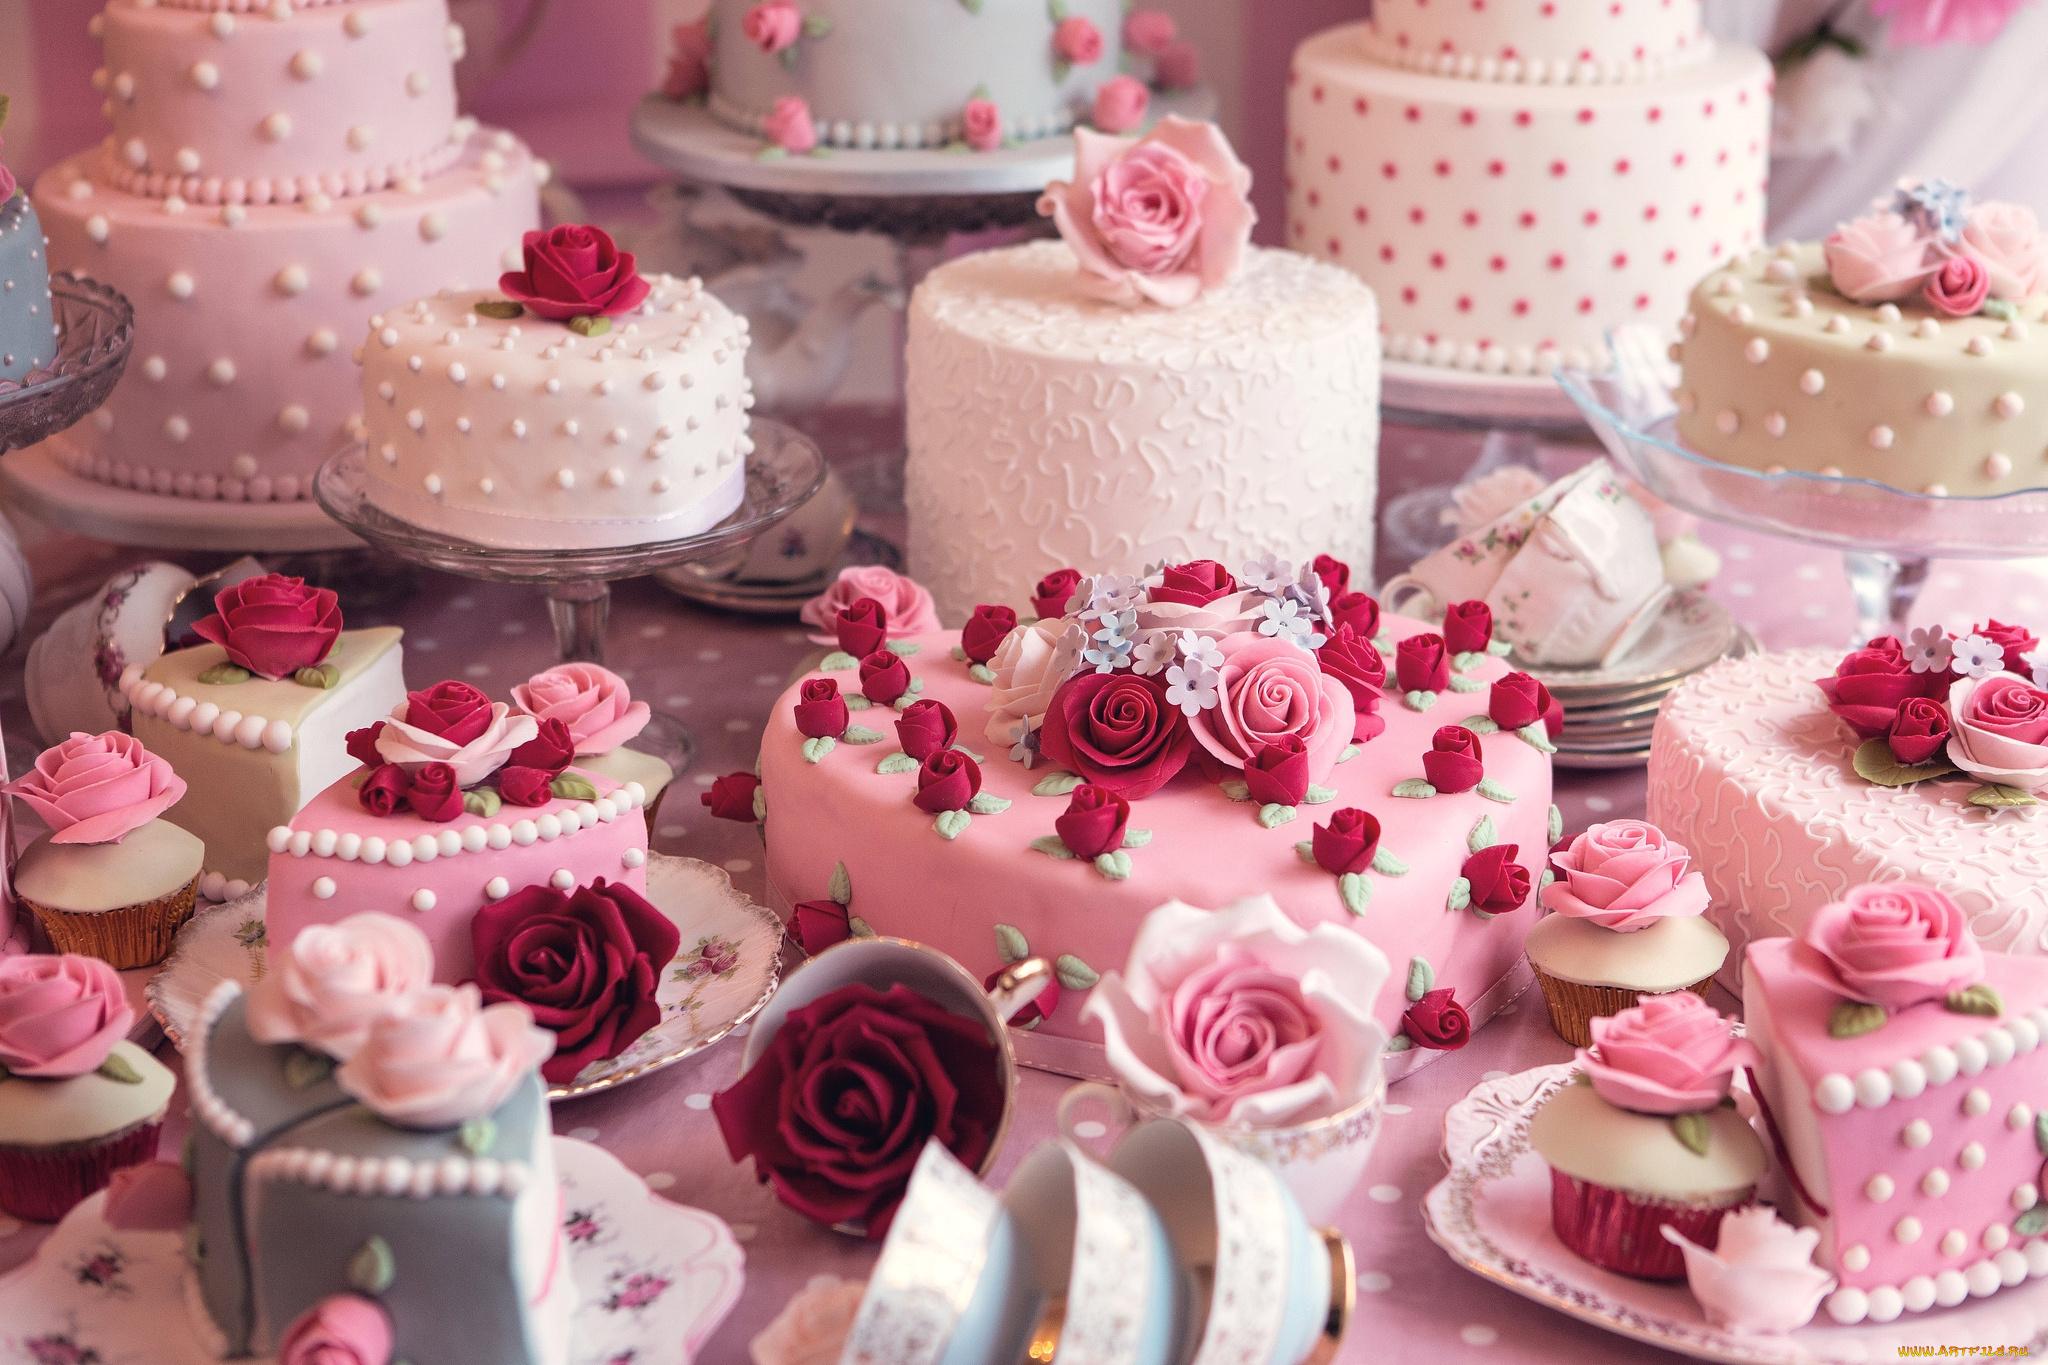 Свадебный торт  № 1408158 без смс